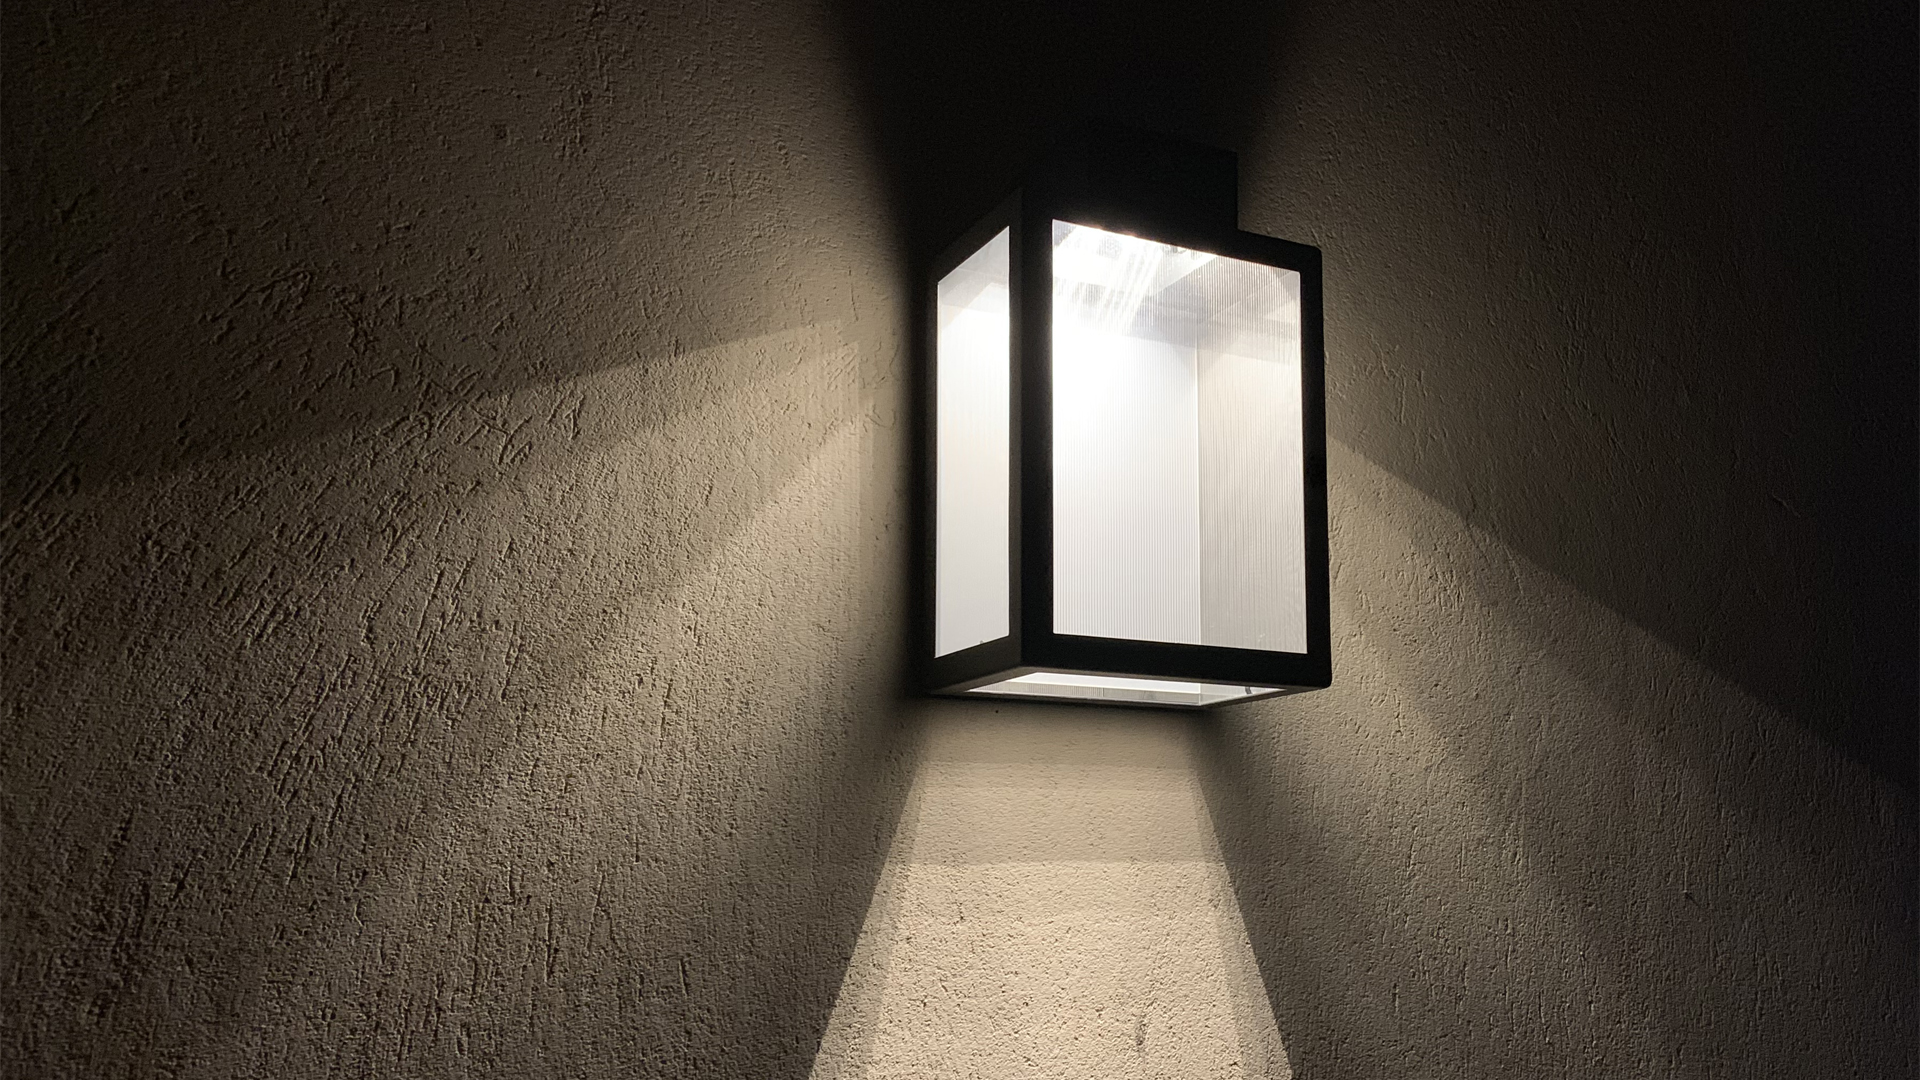 L'applique extérieure solaire APS 030 LYX Luminaires est fabriquée en acier rouille Corten. Cette applique extérieure solaire puissante est équipée d'un capteur solaire performant. Cette lampe extérieure murale solaire fait partie avec les appliques murales LED basse consommation LYX Luminaires de la vaste collection d' appliques murales extérieures LYX Luminaires. L'applique murale design APS 030 est idéale pour l'éclairage de piliers, l'éclairage de portail, l'éclairage de façade, l'éclairage d'entrée, l'éclairage de terrasses, l'éclairage de balcons. Une applique extérieure solaire design pour un éclairage mural moderne et un éclairage mural puissant.